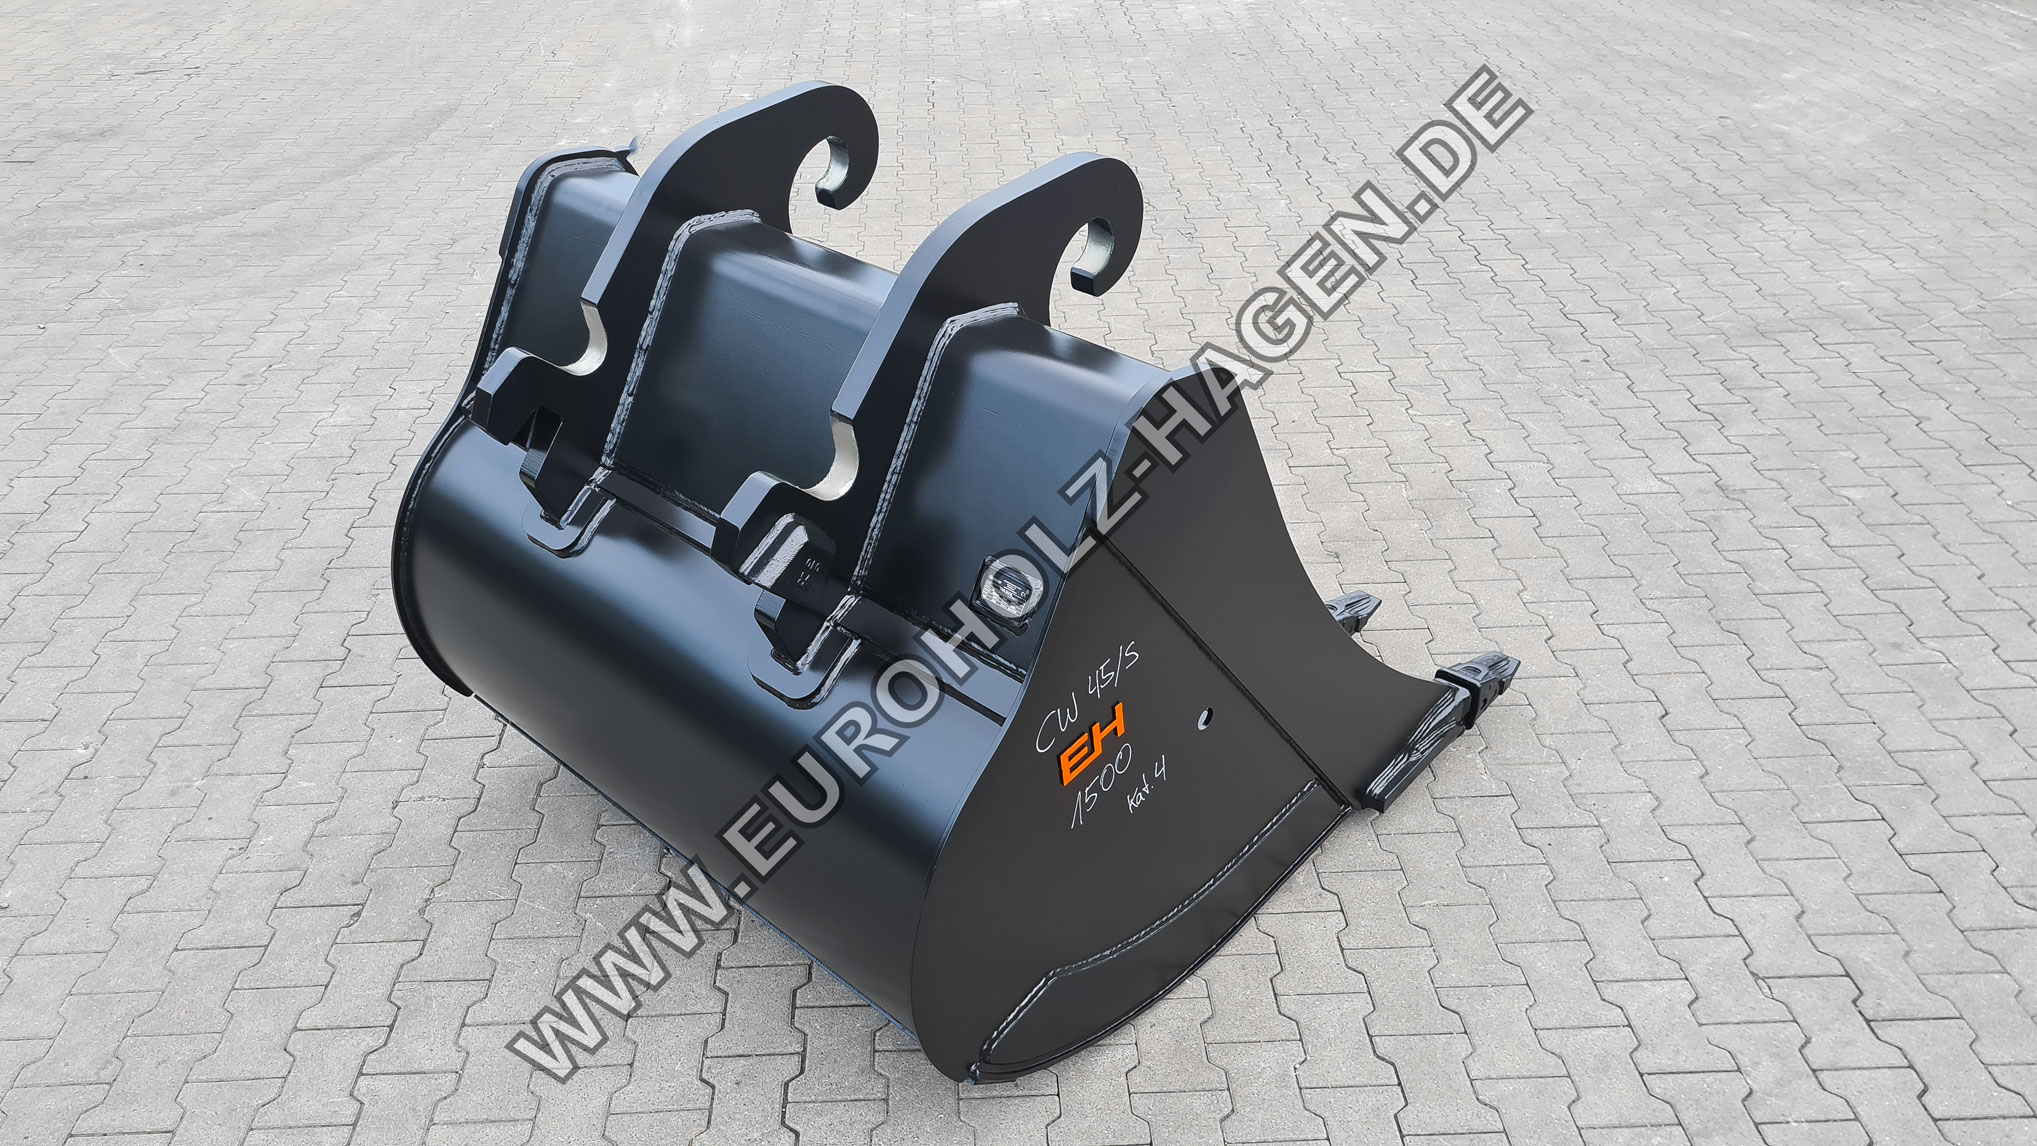 Tieflöffel passend für Verachtert CW45 S 1500 mm Kat. 4G